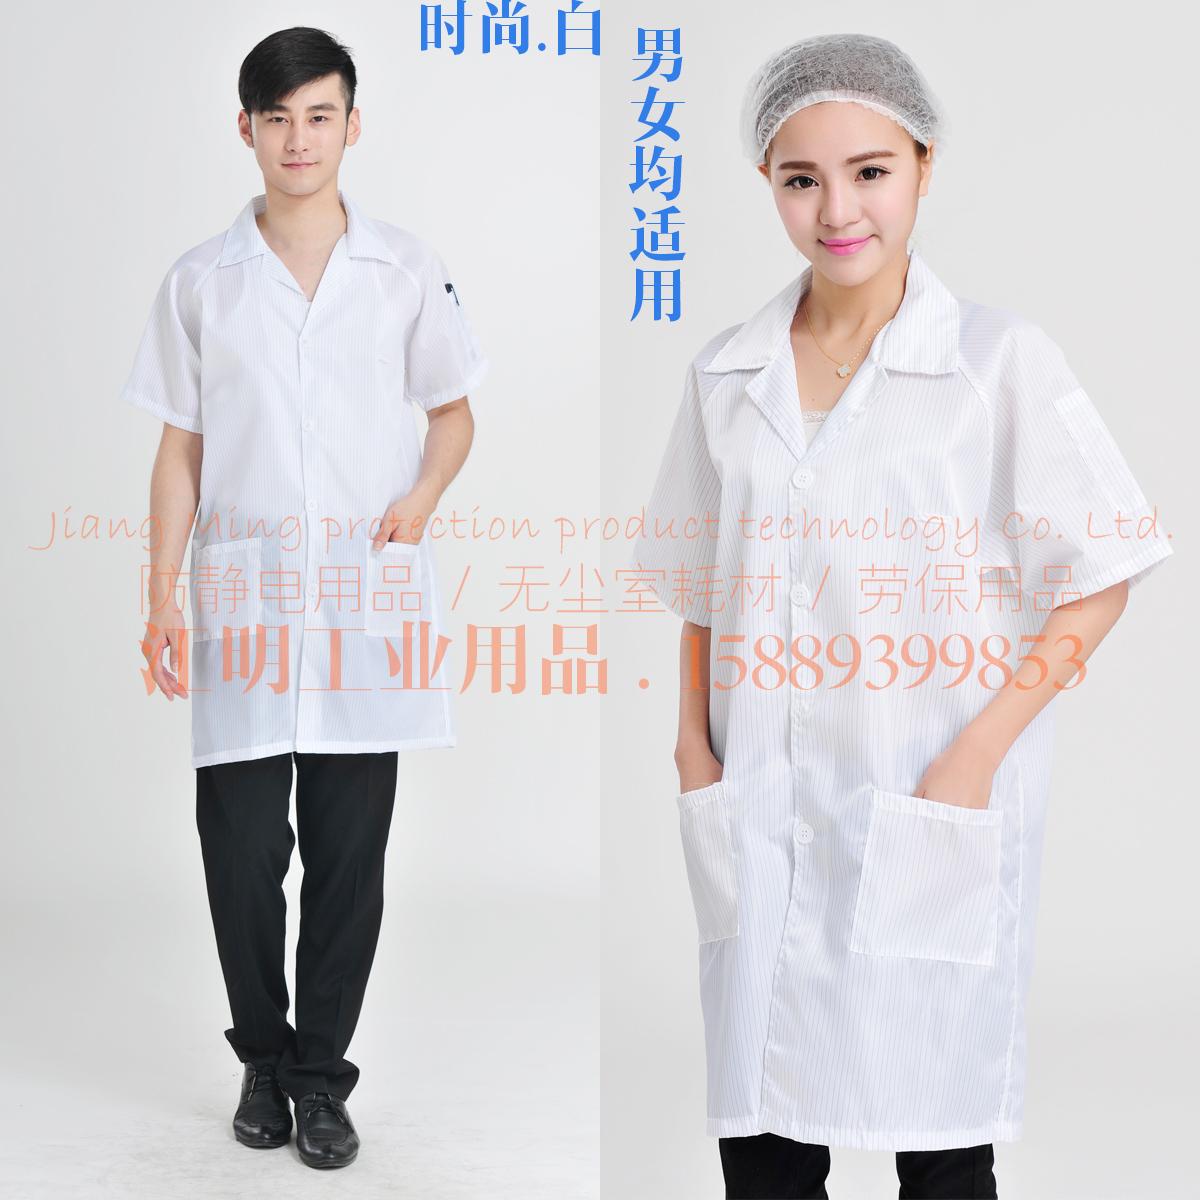 夏季防静电衣服白色无尘防尘上衣女短袖大褂食品车间工作服男蓝色